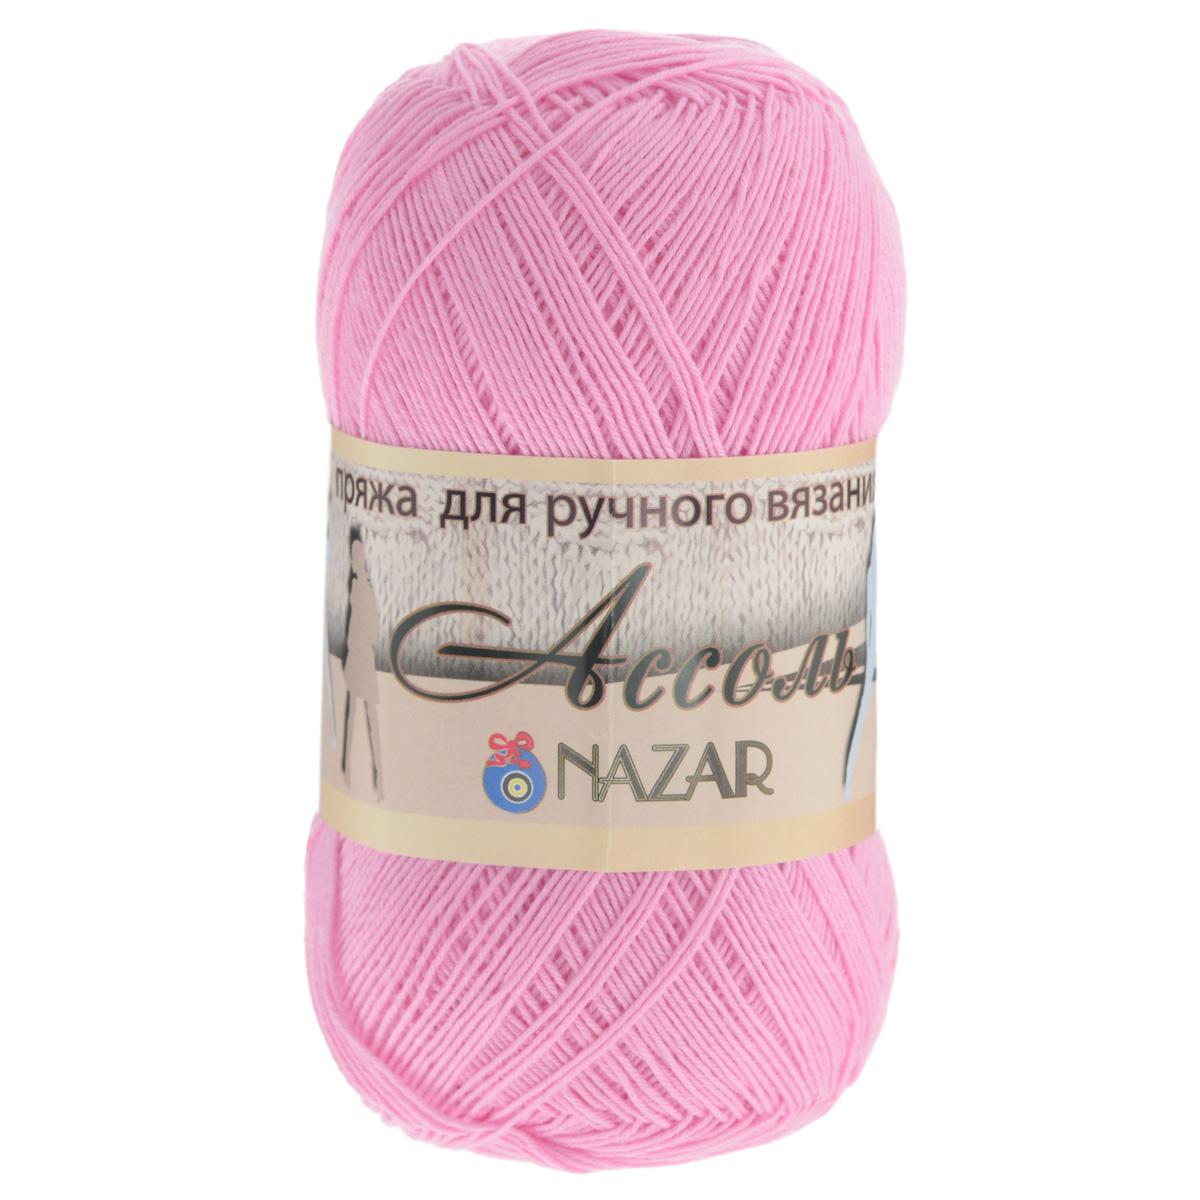 Пряжа для вязания Nazar Ассоль, цвет: розовый (1047), 500 м, 50 г, 10 шт349025_1047Пряжа для вязания Nazar Ассоль изготовлена из натурального хлопка. Пряжа из такого материала не имеет эффекта ваты. Позволяет вязать ажурные летние изделия спицами или крючком в 2 сложения или тёплые вещи в 4-5 сложений. Из этой пряжи хорошо смотрятся рельефные узоры. Не рекомендуется вязать кулирную гладь и ажуры на основе неё (в выбранных узорах должны присутствовать как лицевые, так и изнаночные петли). Рекомендованные спицы и крючок для вязания 2 мм. Комплектация: 10 мотков. Толщина нити: 2 мм. Состав: 100% хлопок.